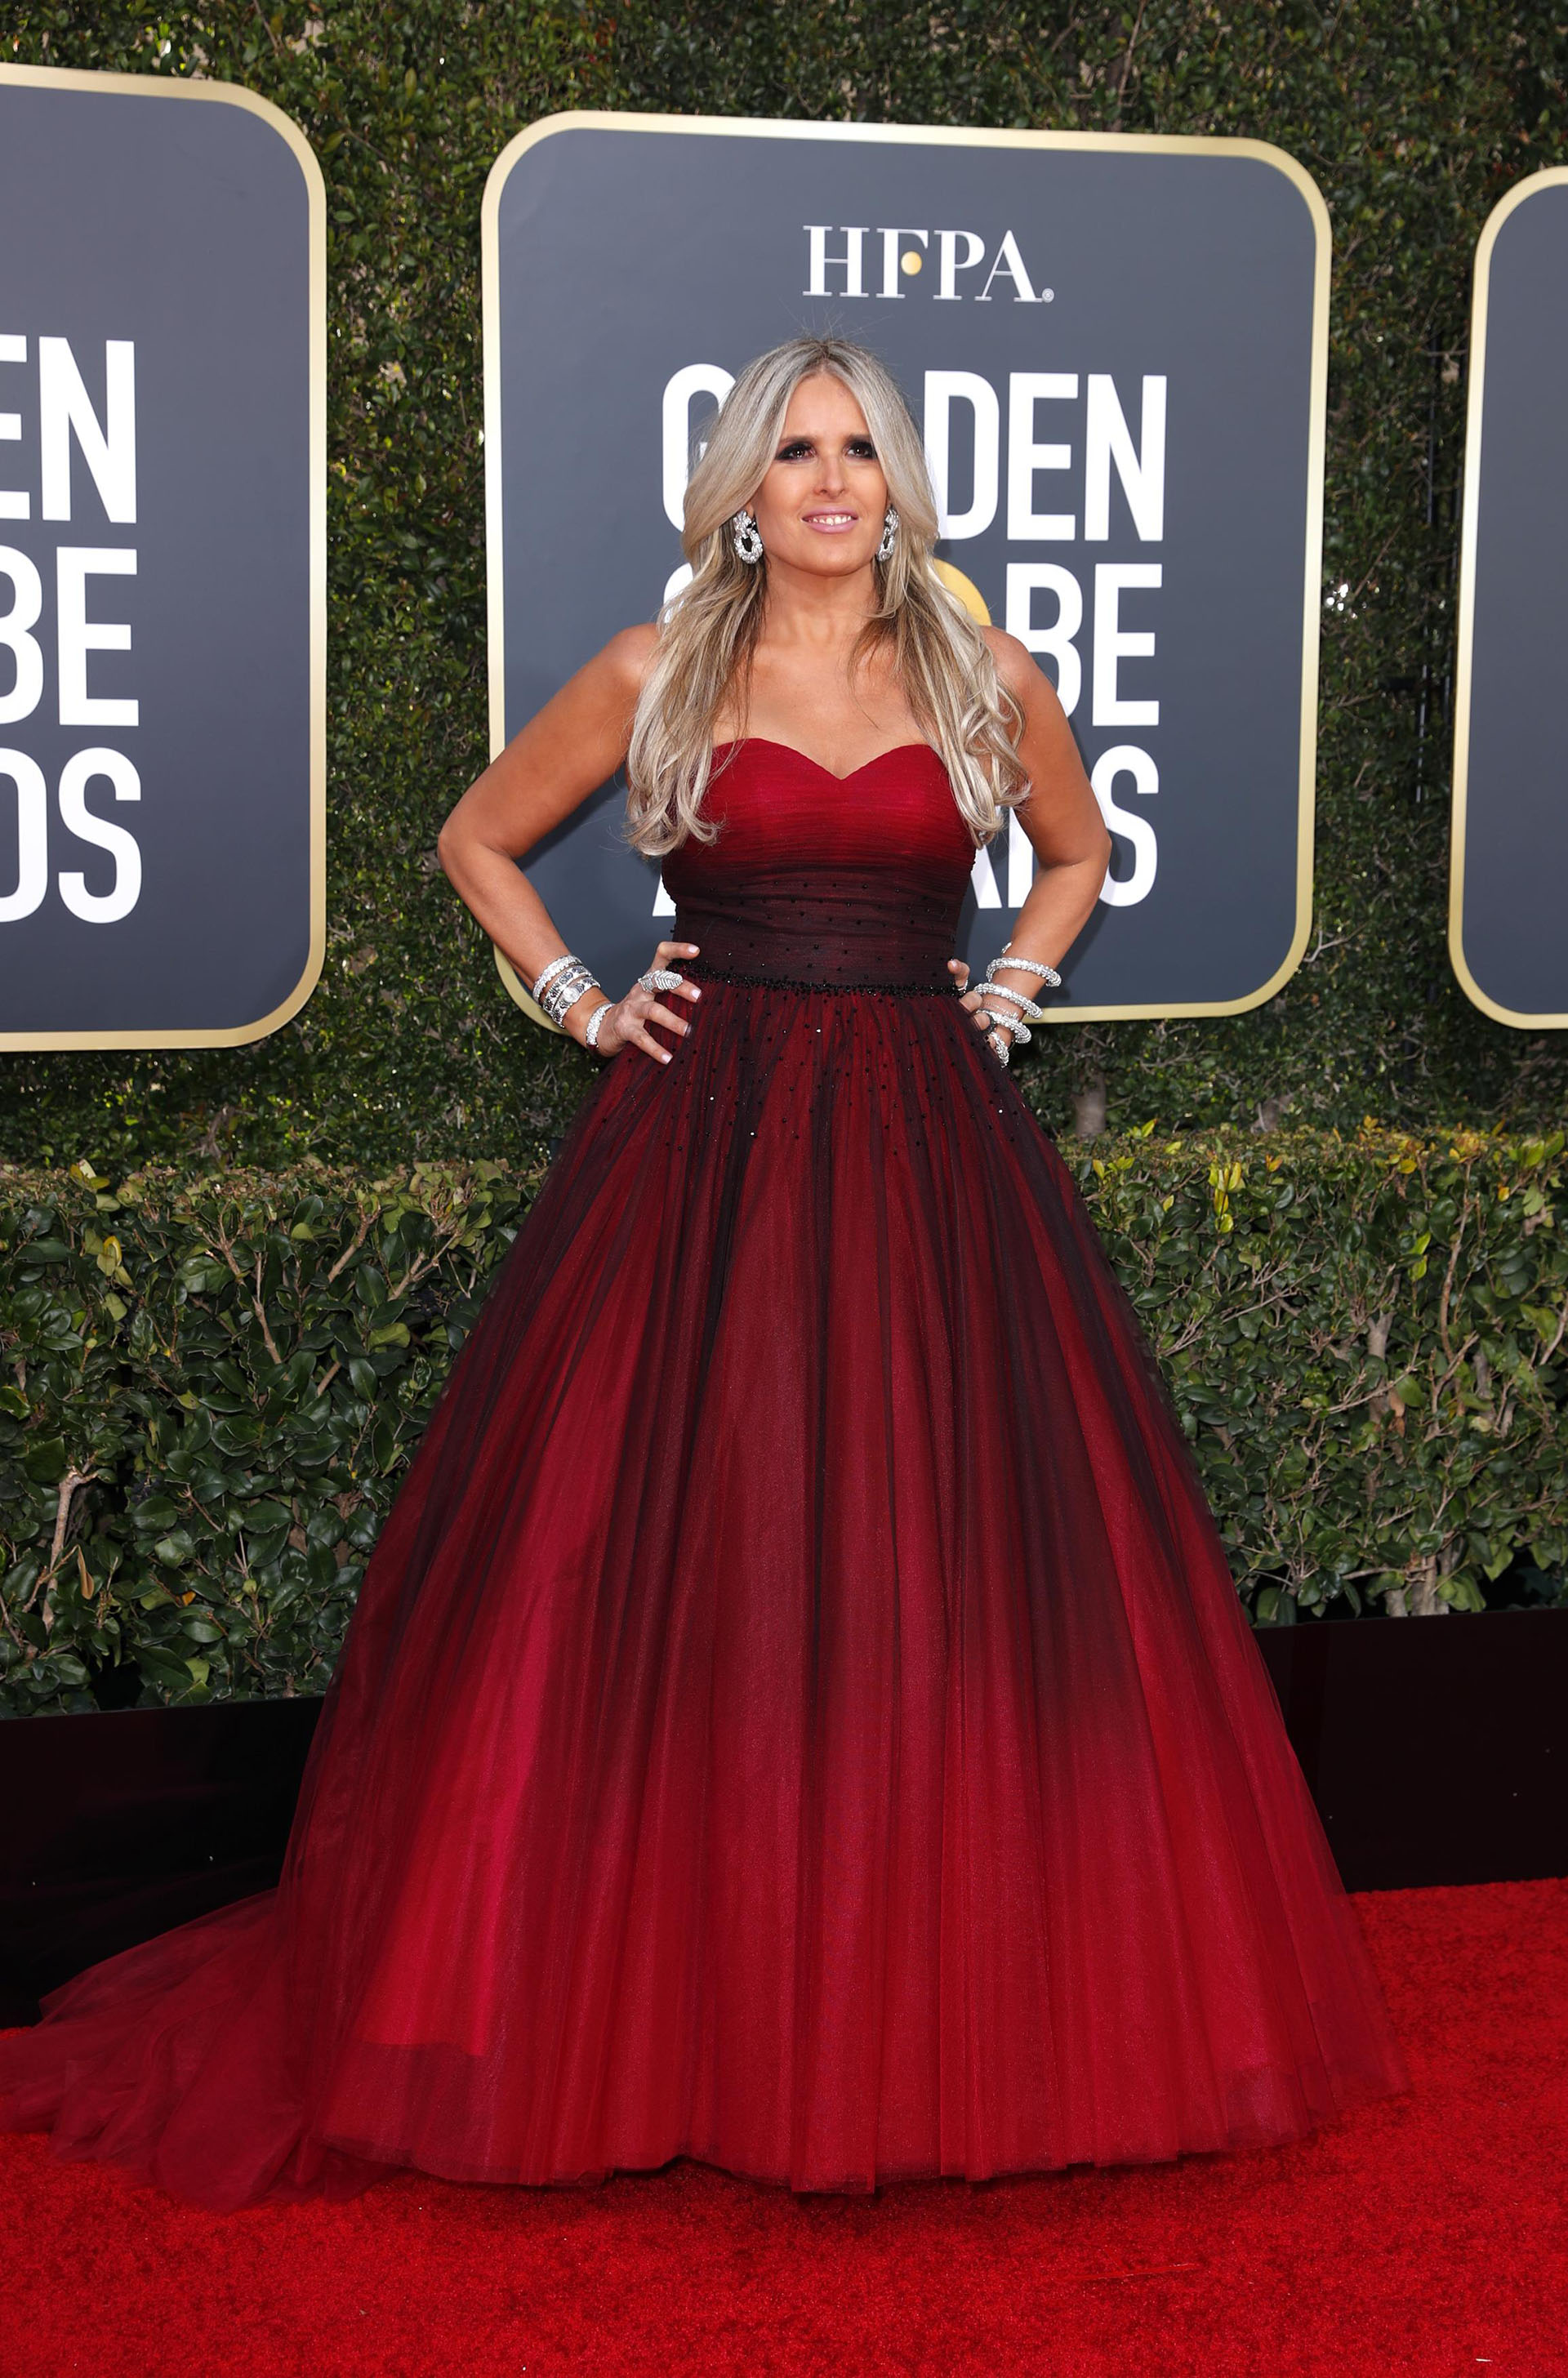 Tiziana Rocca enfundada en un vestido con diseño princesa de tul. Combinado con puntilla en negro y rojo con escote corazón. Completó su look con accesorios plateados, brazaletes, esclavas y aros colagantes